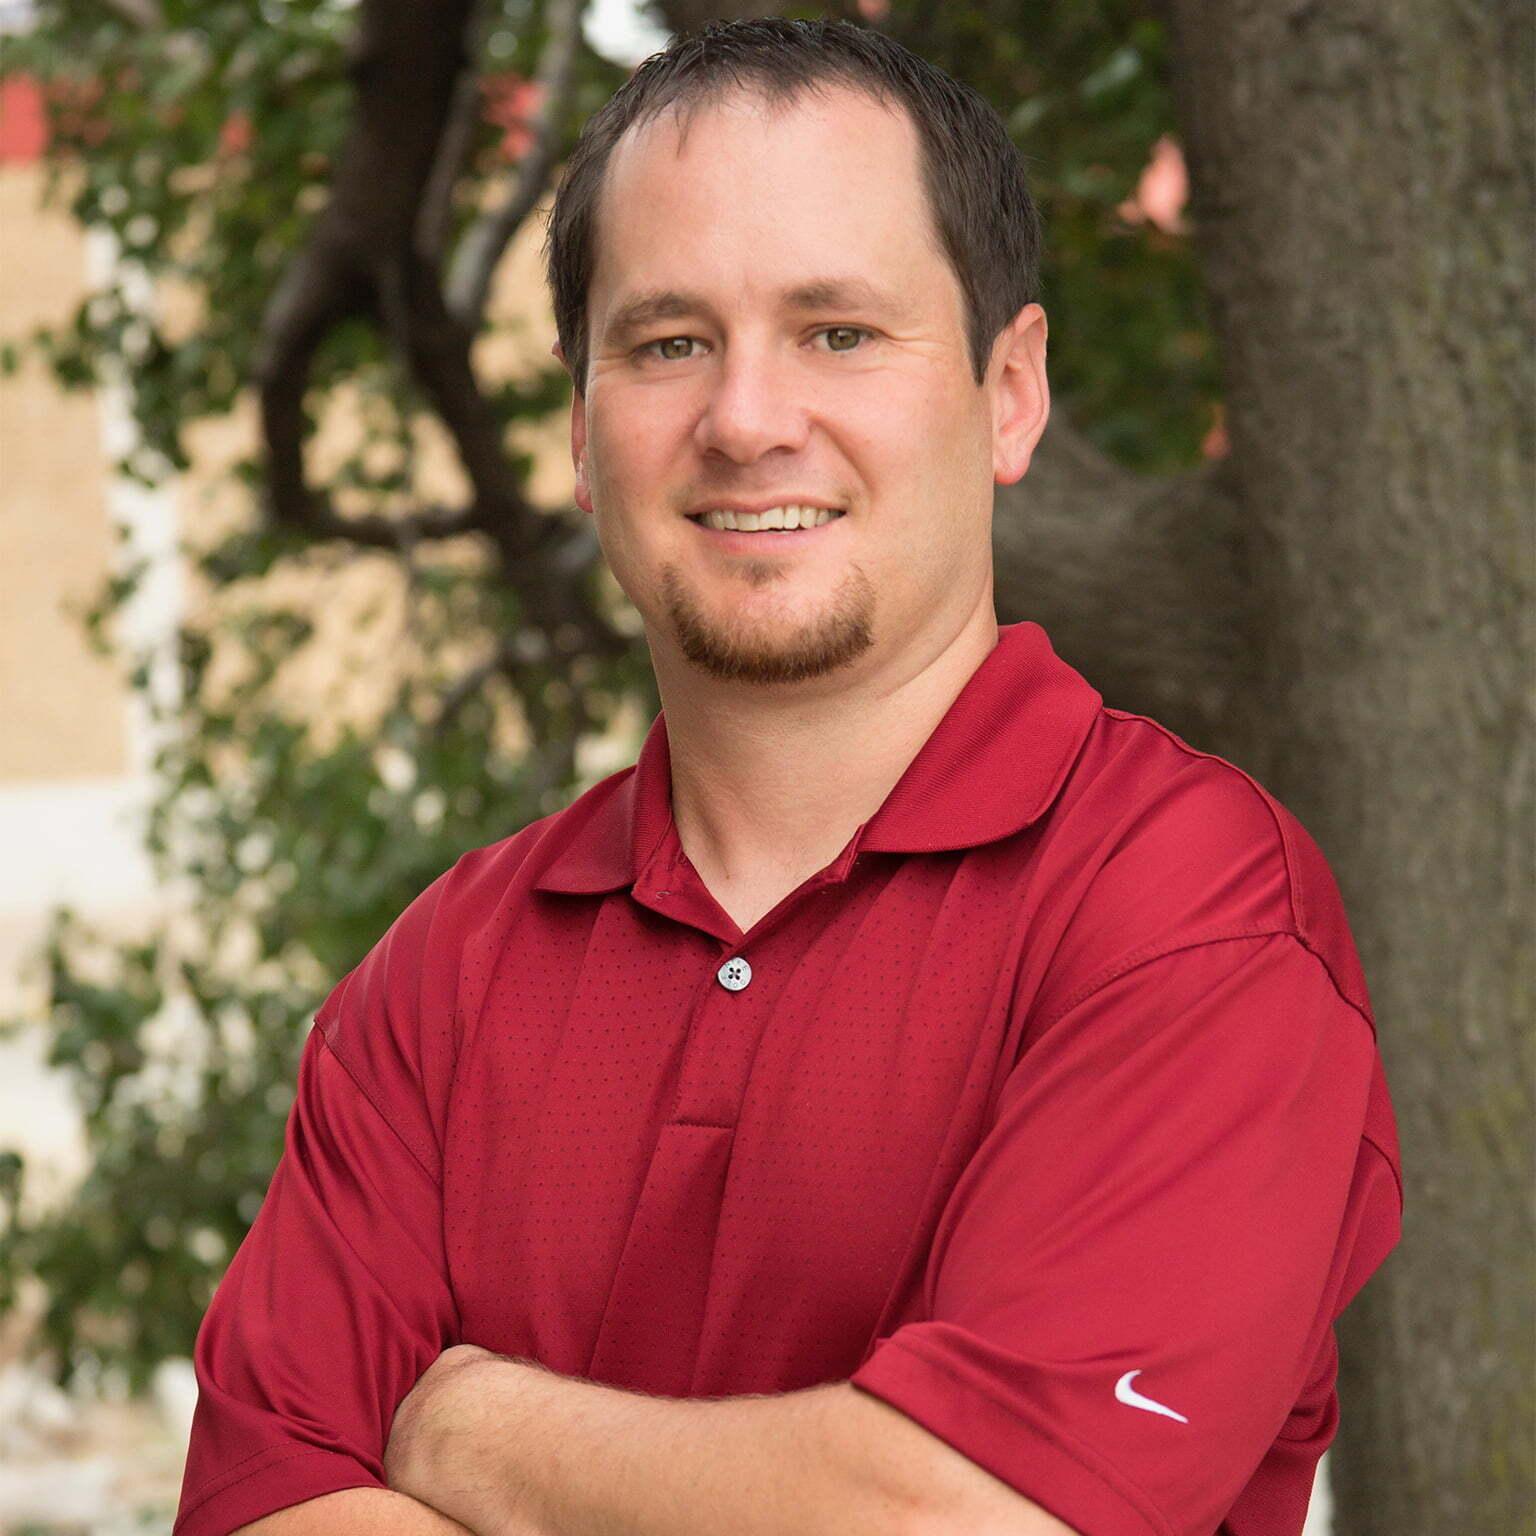 Dr. Johnathan Ballard